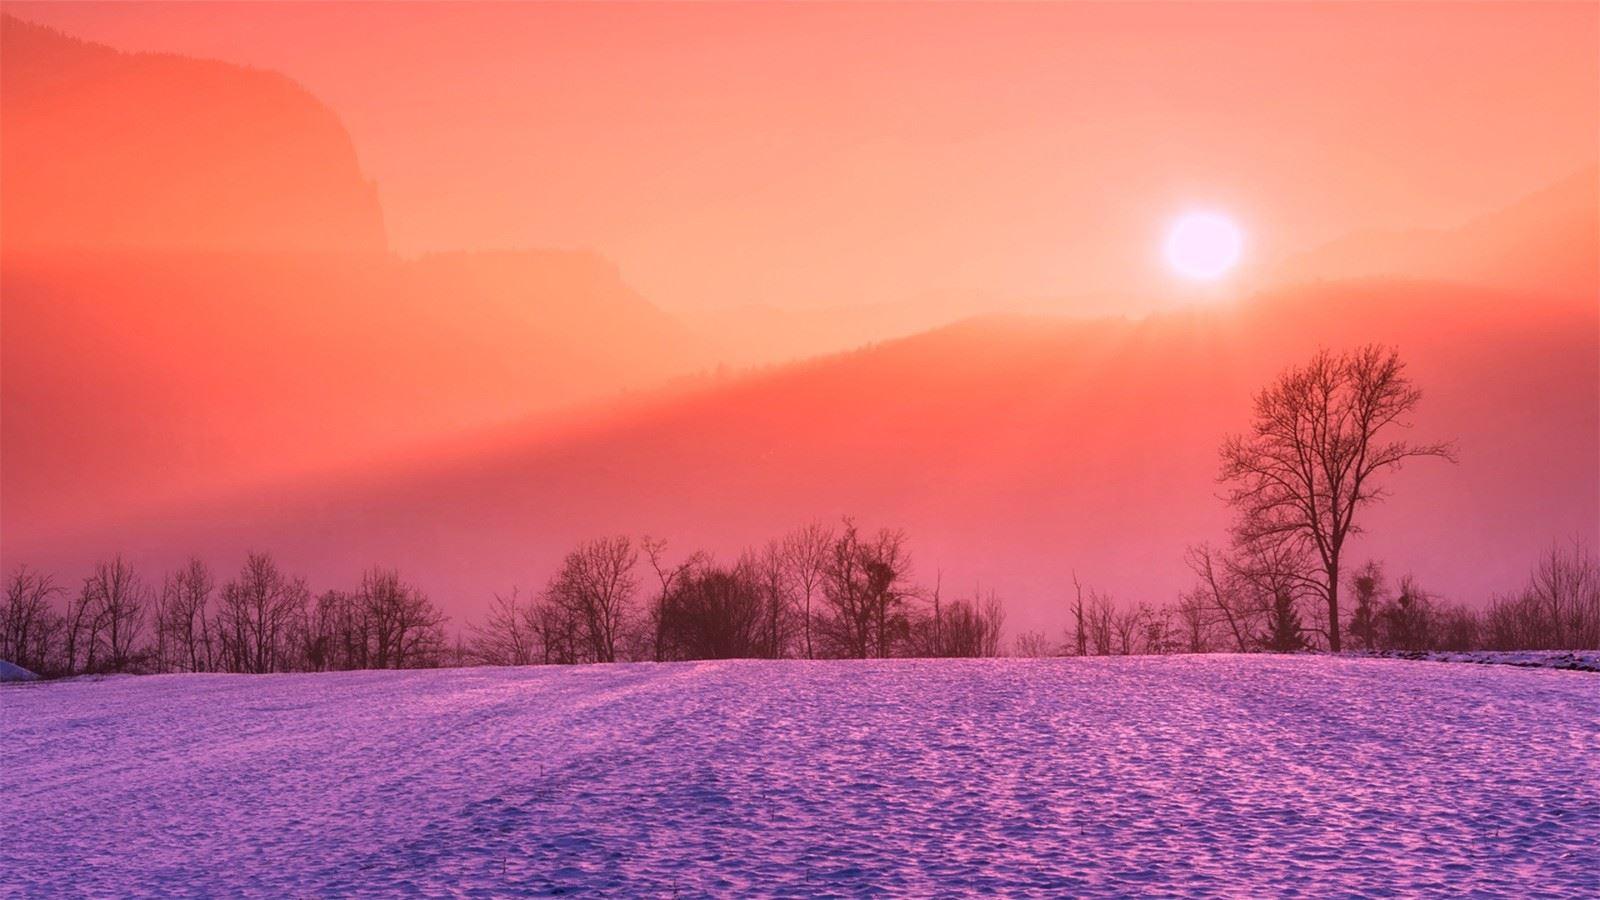 橘红色清晨日出高清风景